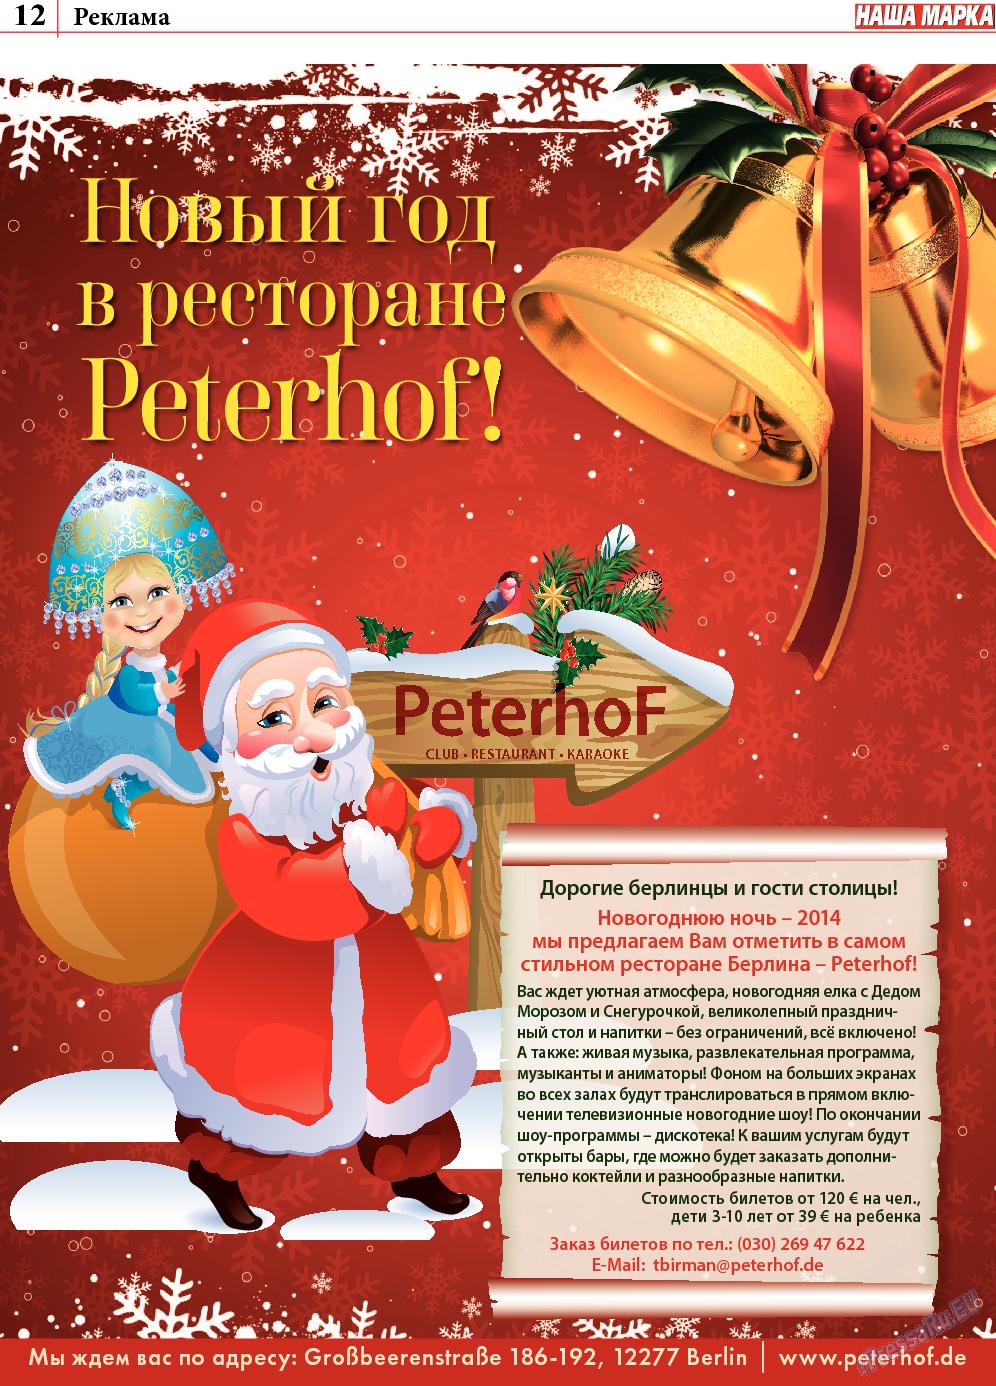 Наша марка (газета). 2013 год, номер 10, стр. 12